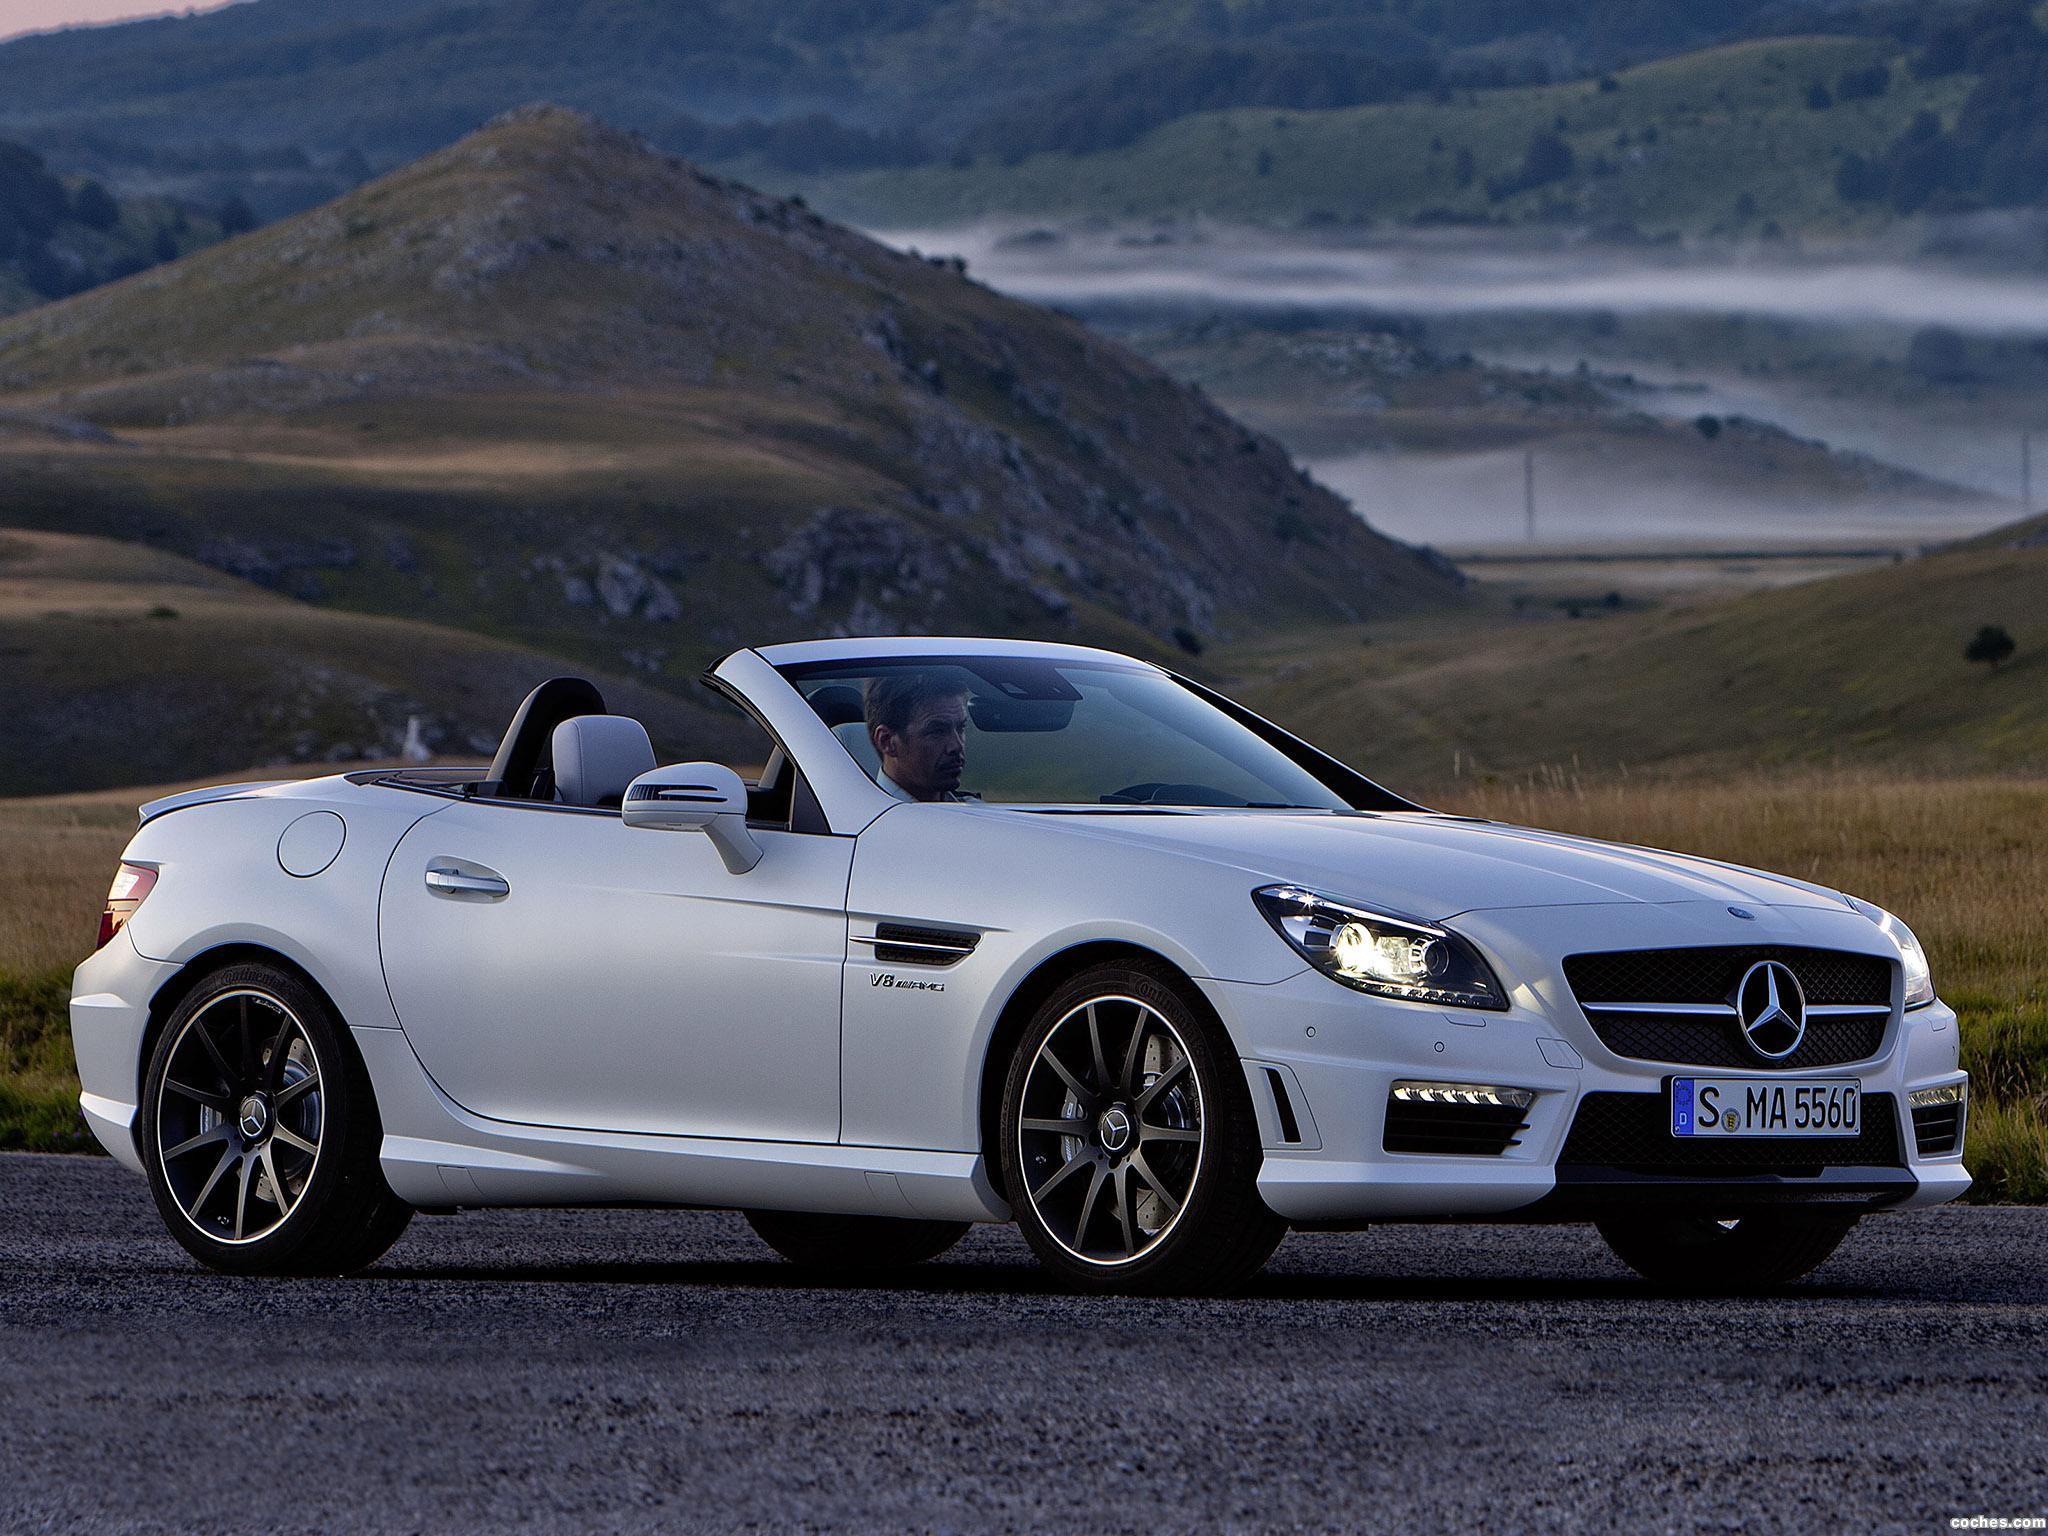 Foto 0 de Mercedes SLK 55 AMG 2011